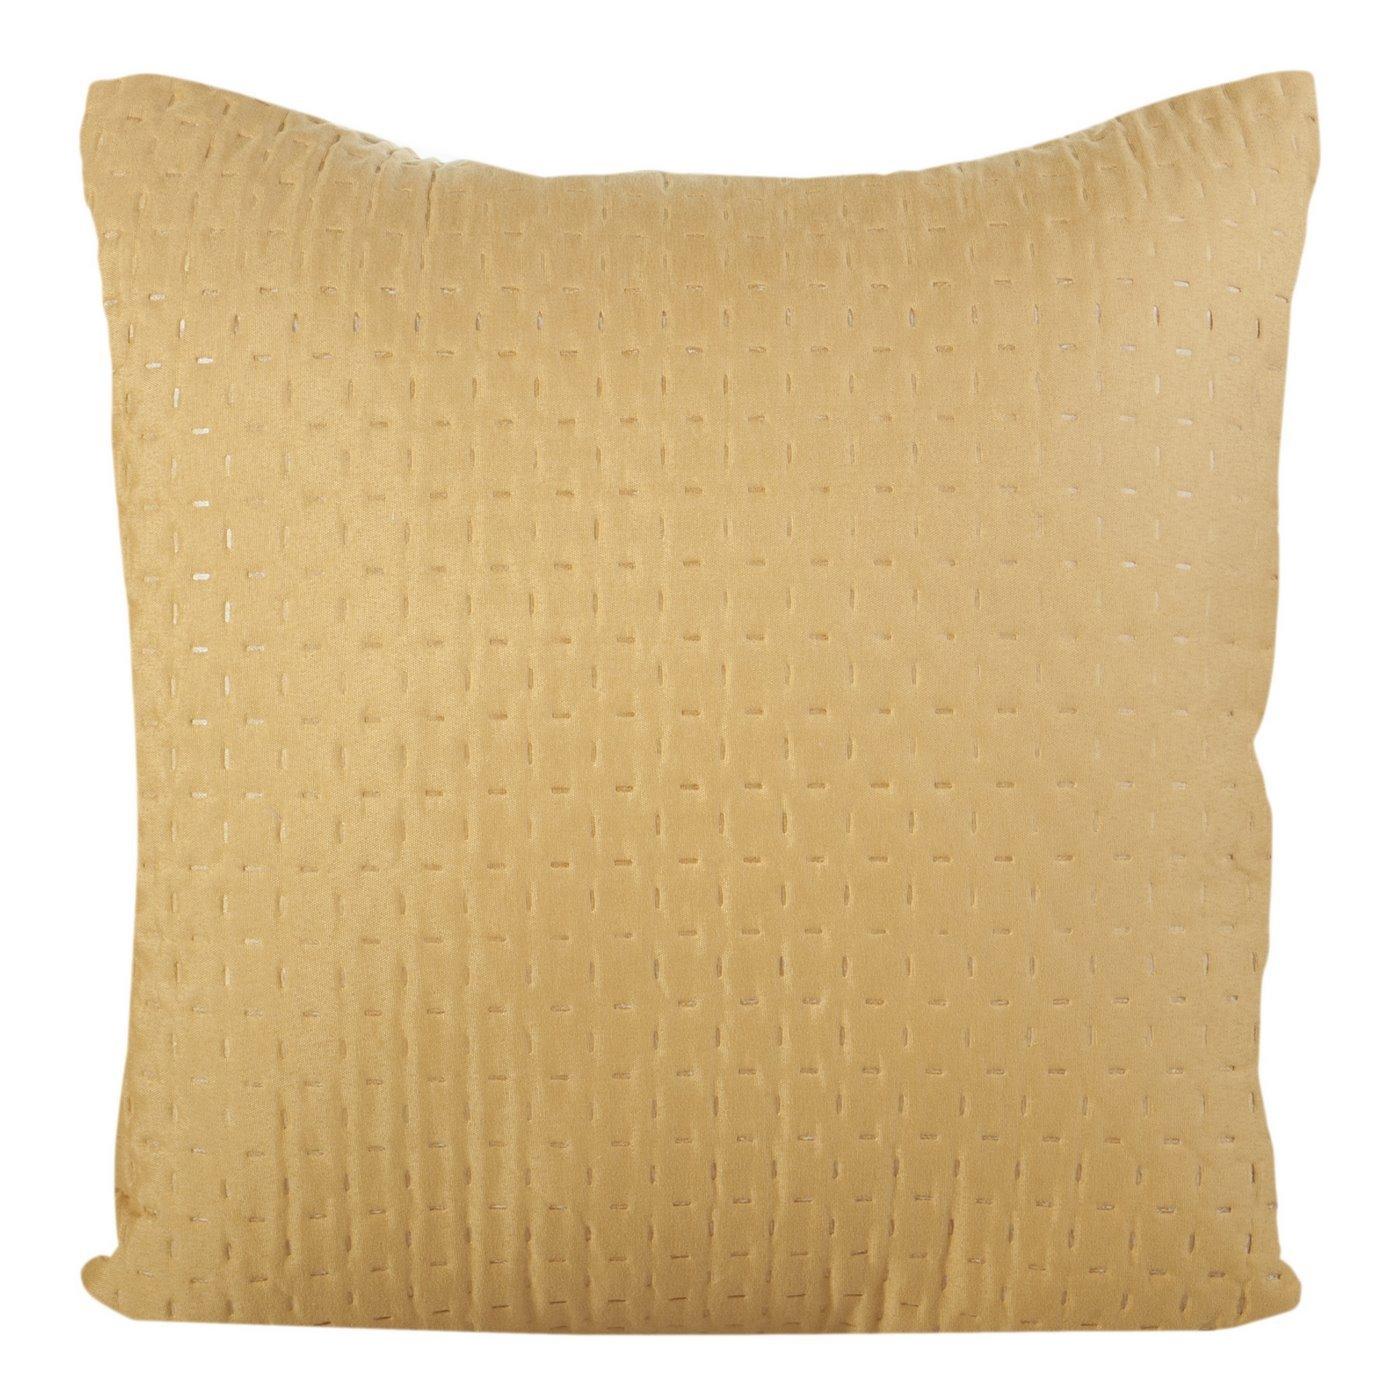 Poszewka na poduszkę pikowana żółta 40 x 40 cm